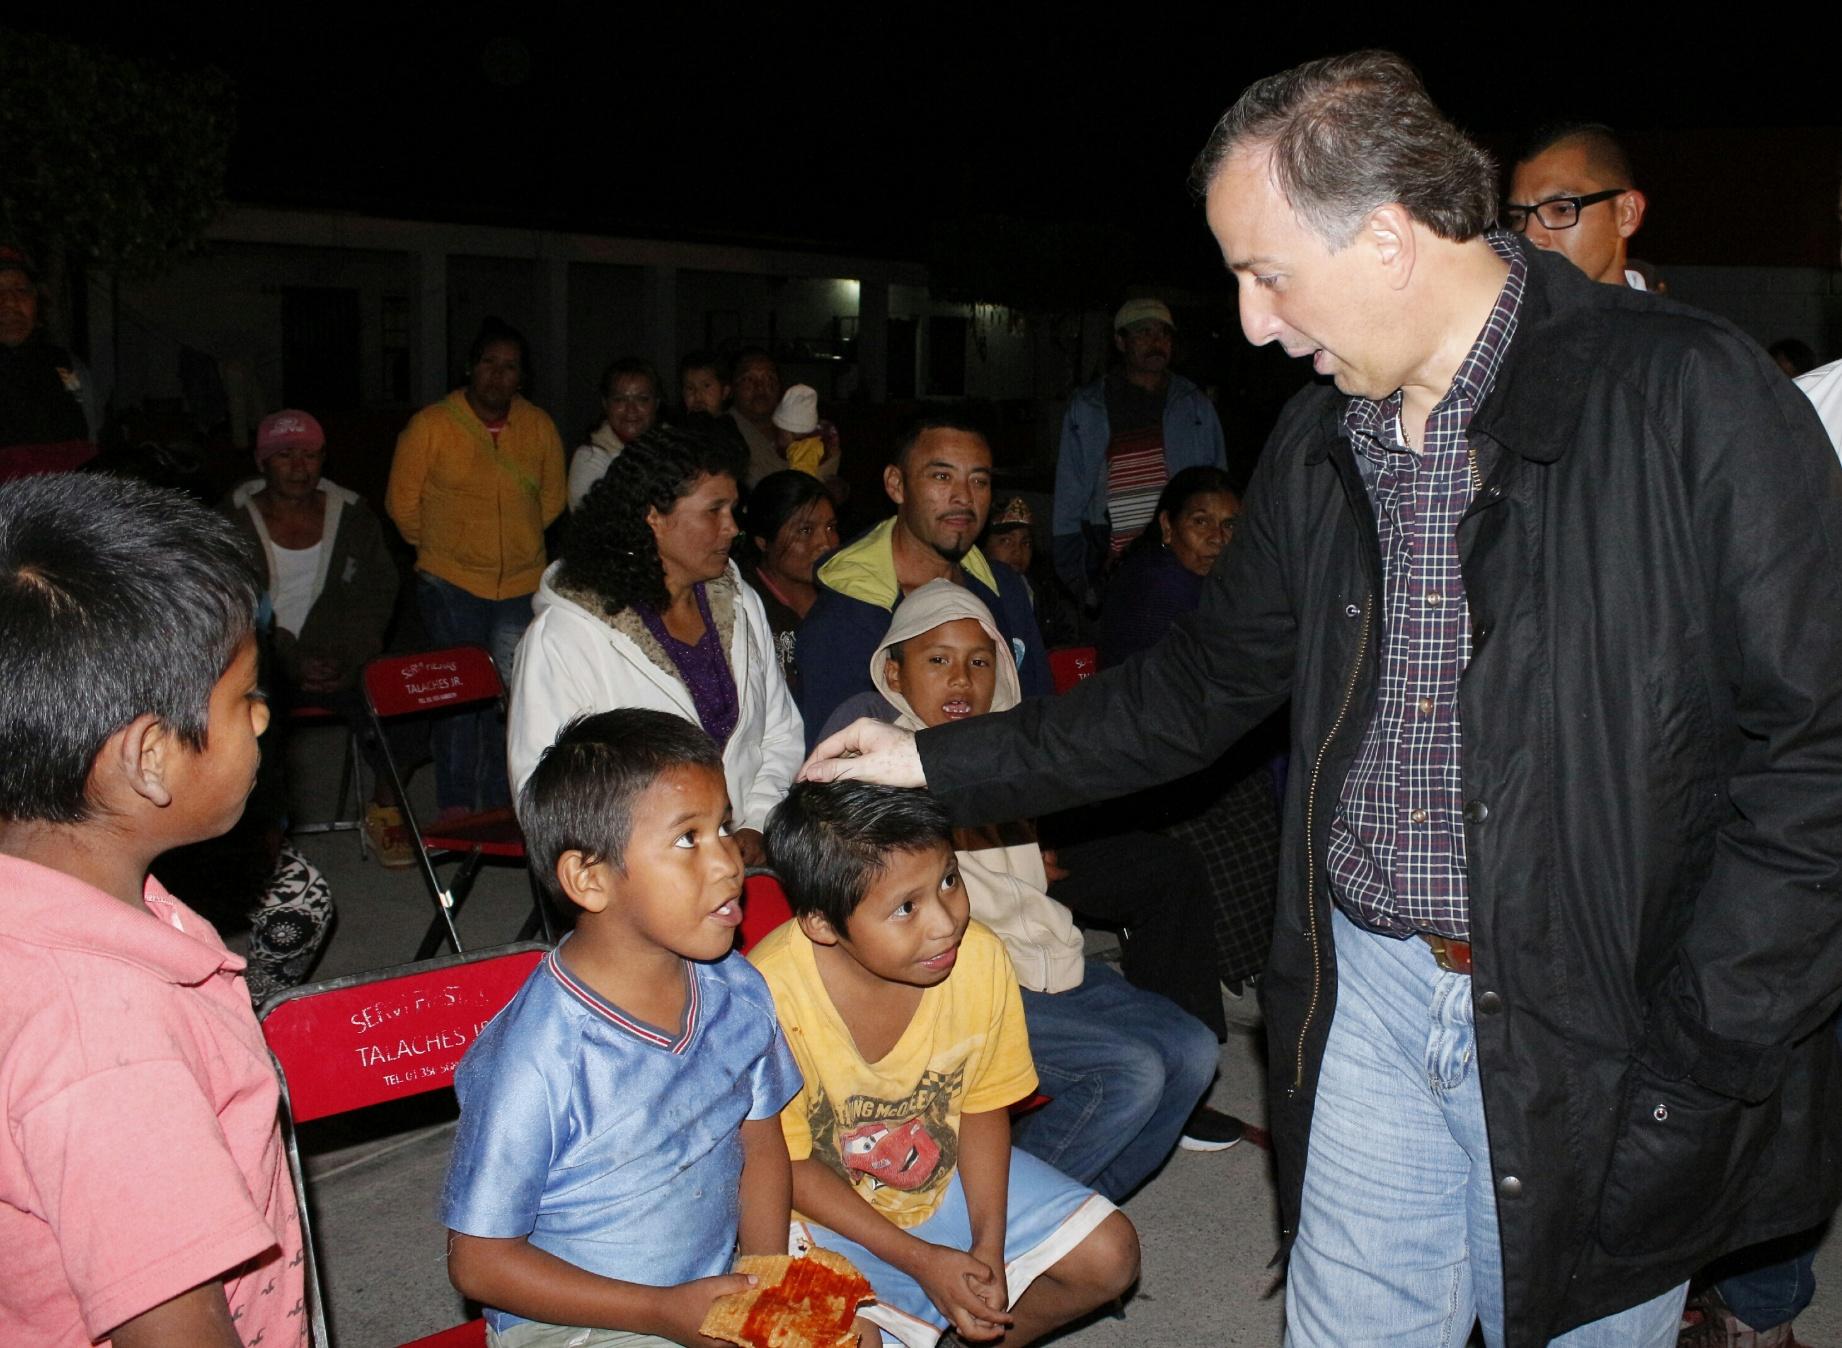 FOTO 3 Secretario Meade a su llegada al Albergue Comunitario Yur cuarojpg